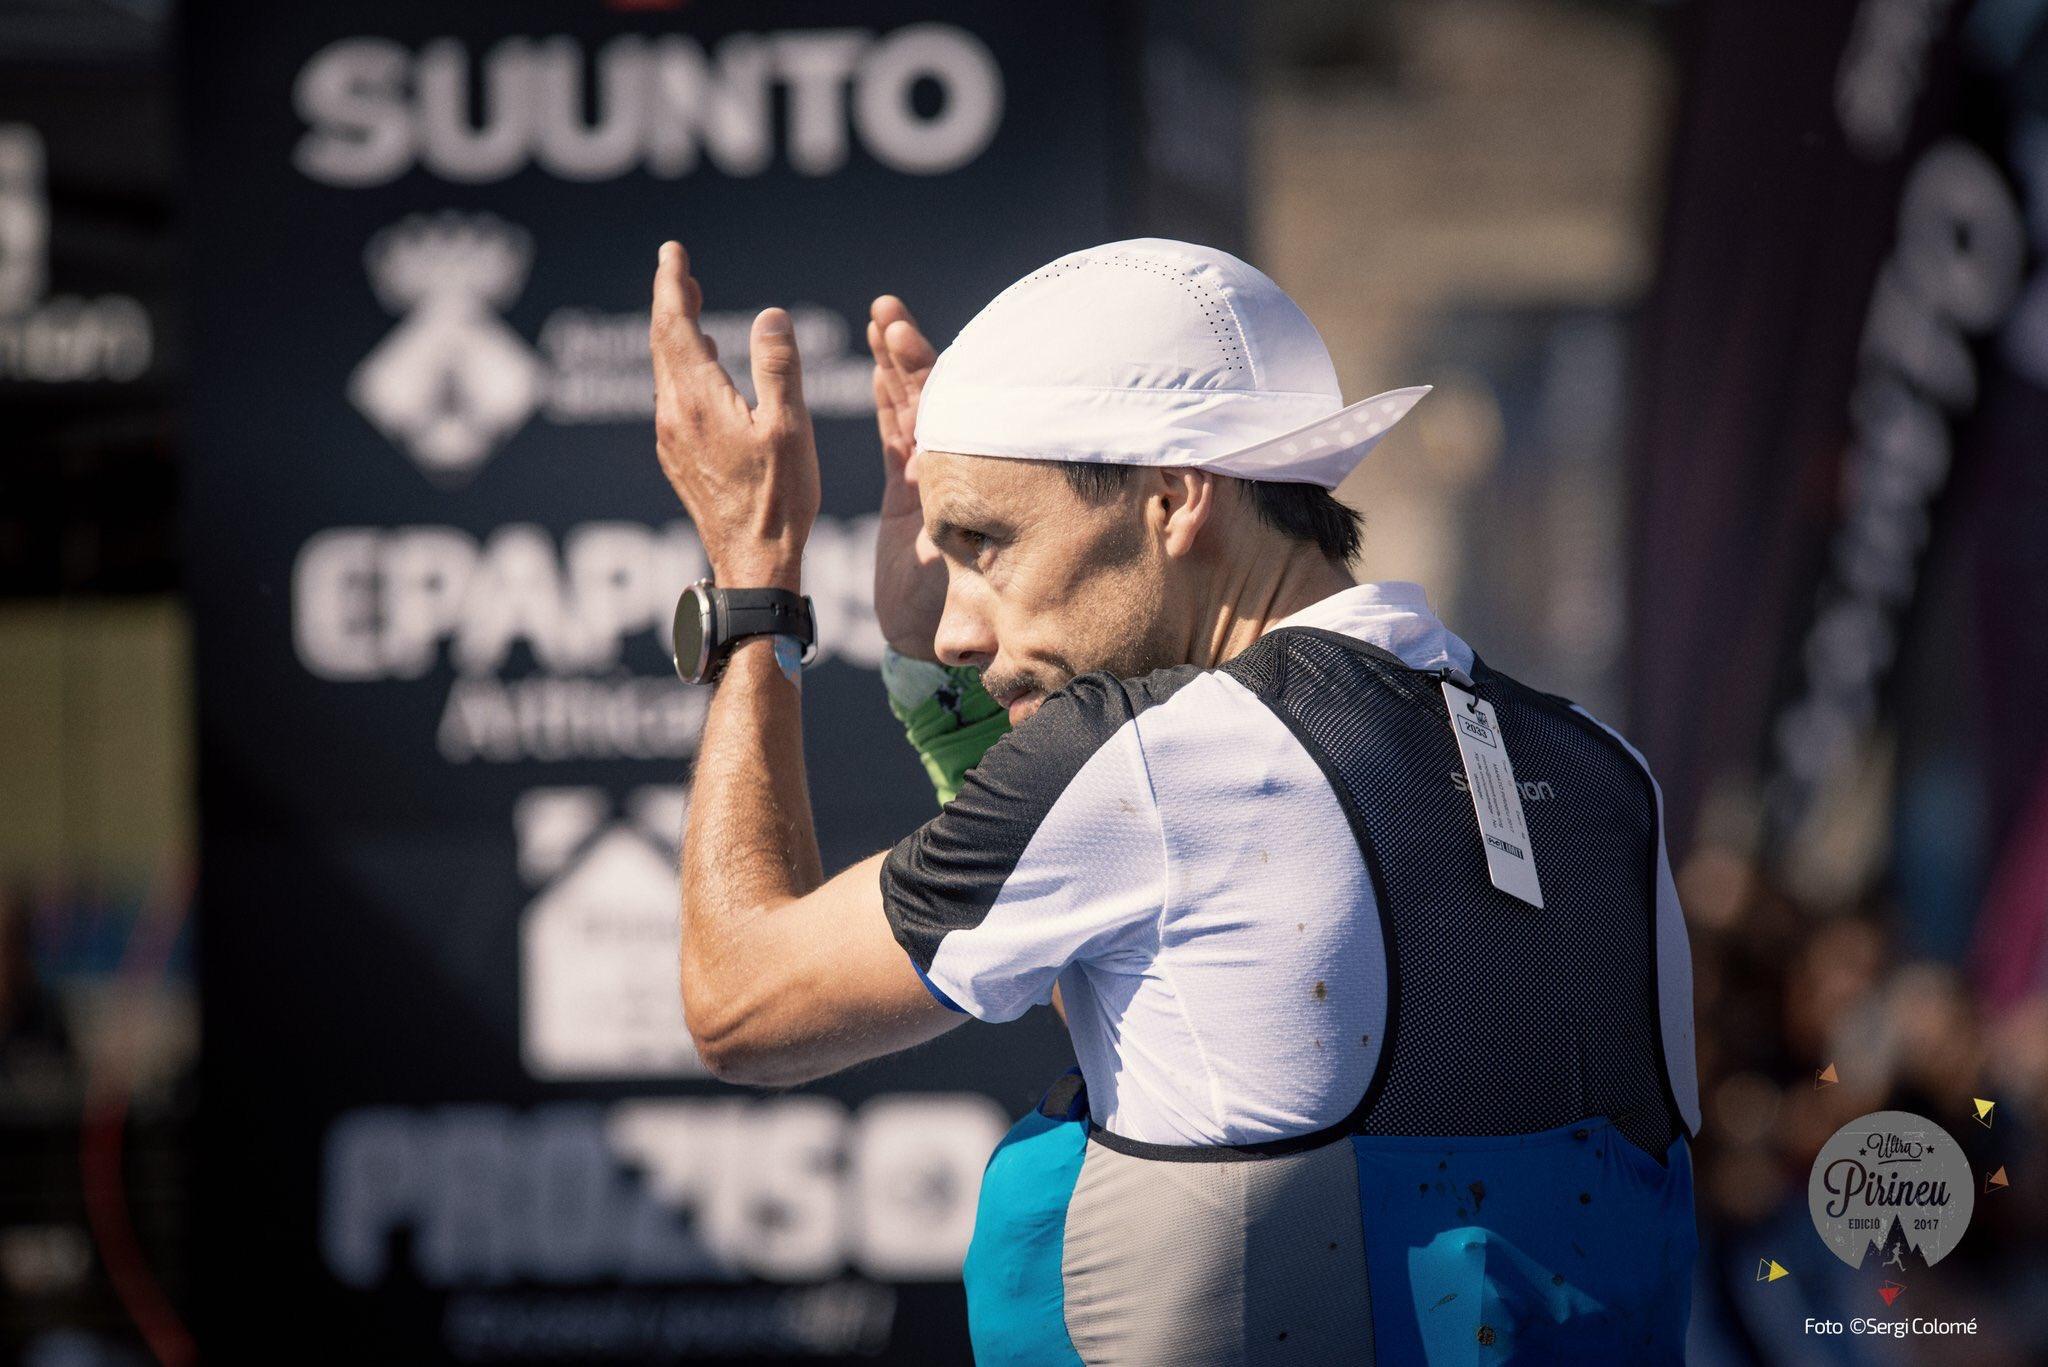 Tòfol Castanyer en la Marató Pirineu 2017